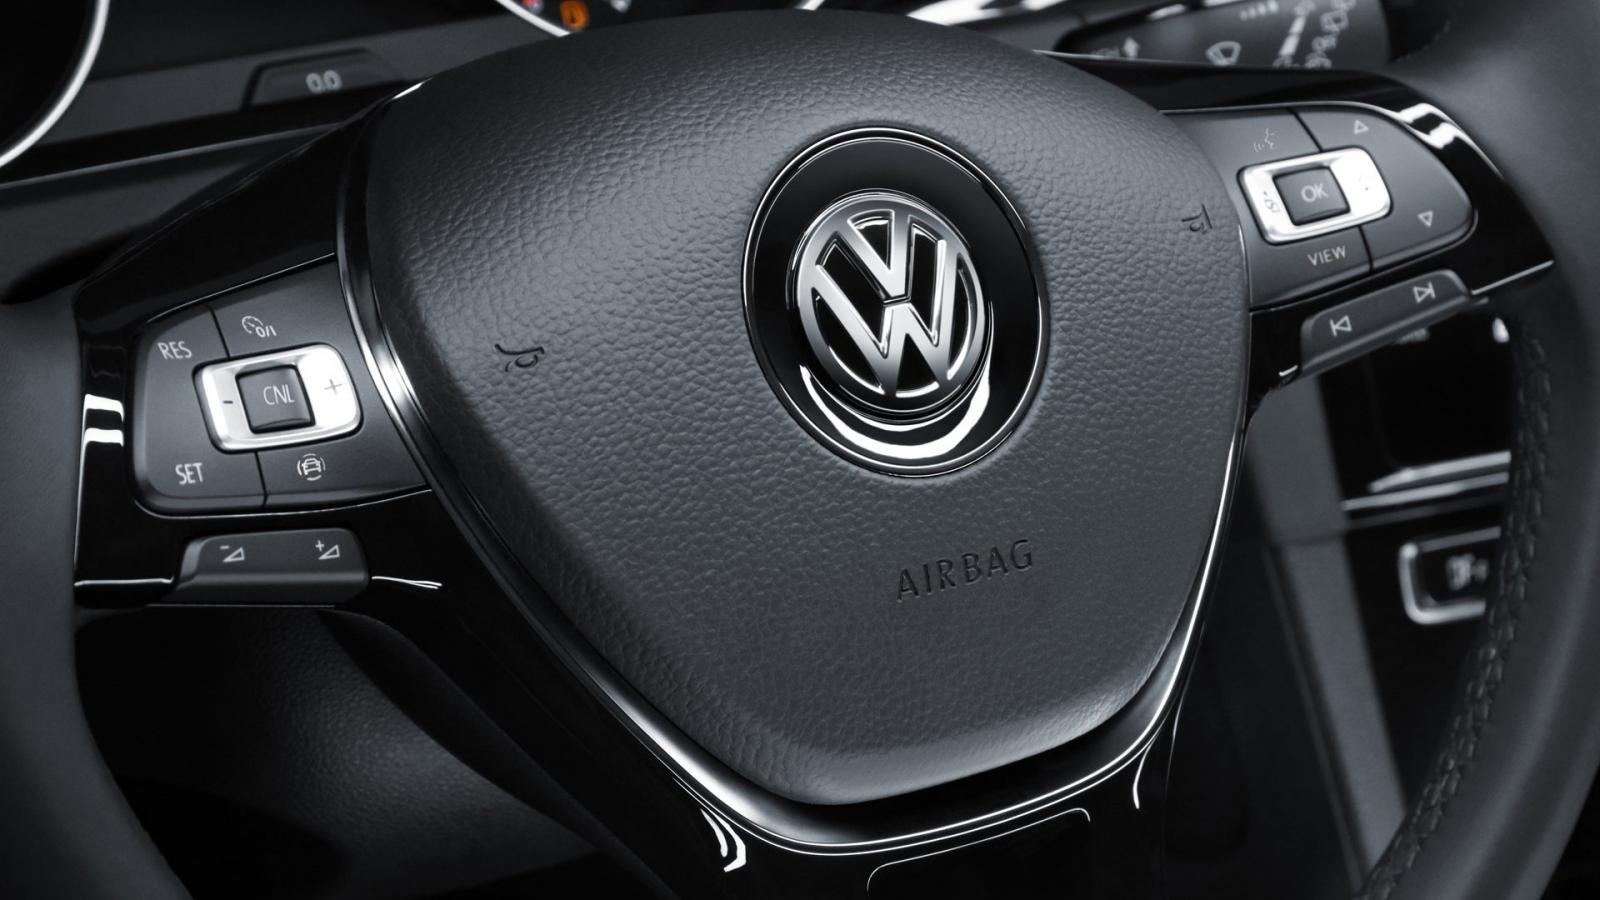 La Volkswagen Tiguan Highline 2019 queda a deber en el apartado de desempeño